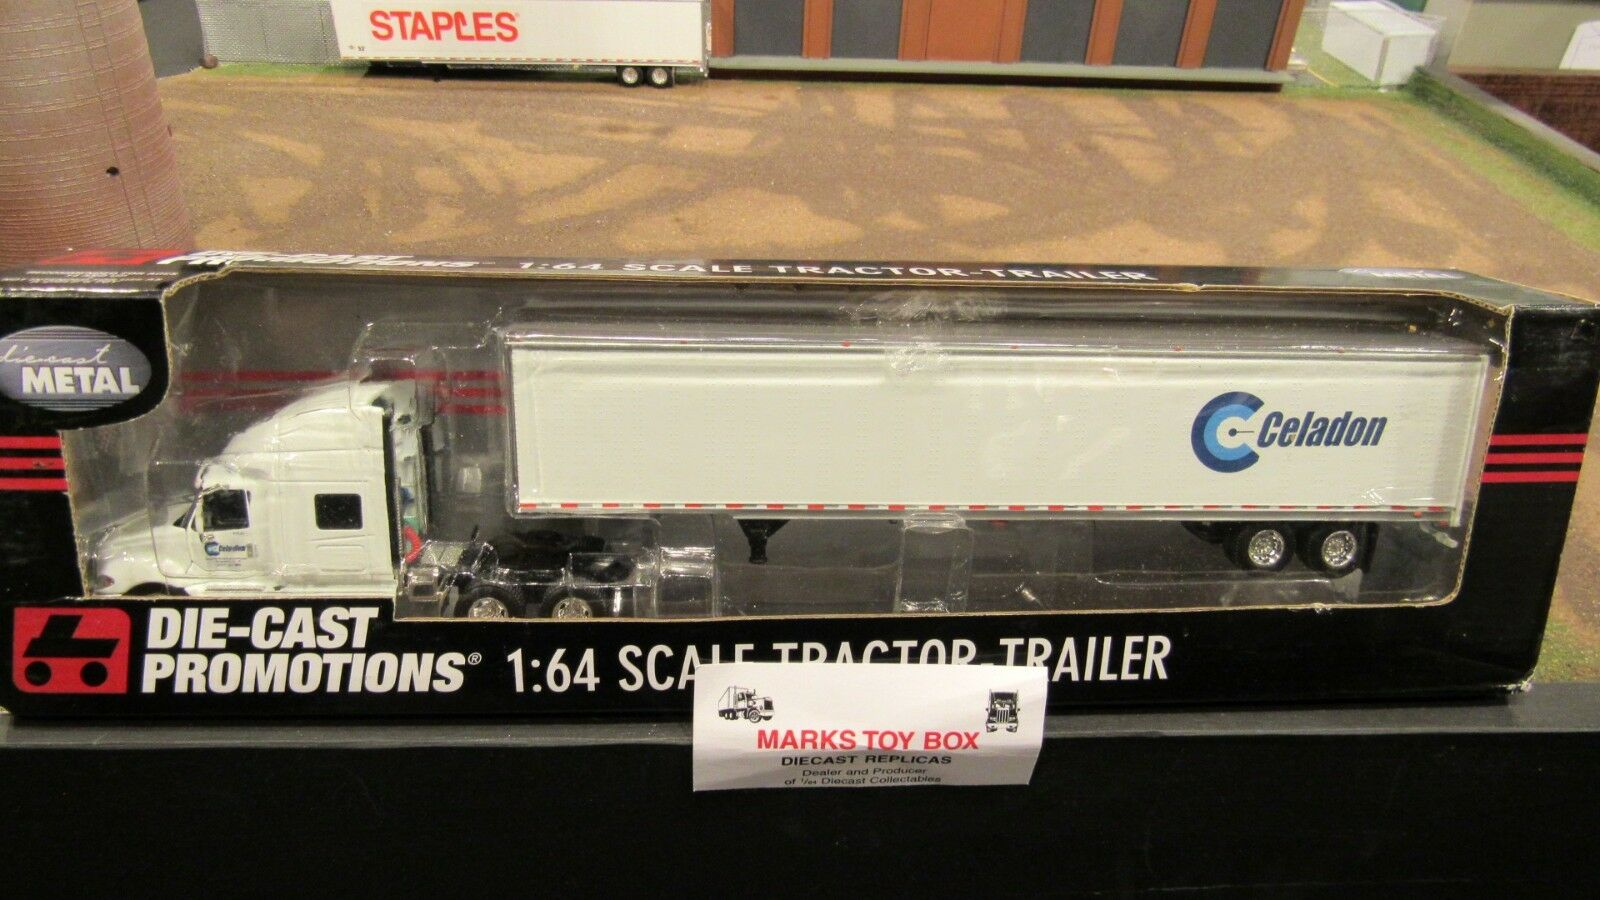 ventas al por mayor DCP 32678 Celadon Celadon Celadon camiones ih ProEstrella Semi Camión & Dry Van Trailer 1 64 FC  Vuelta de 10 dias